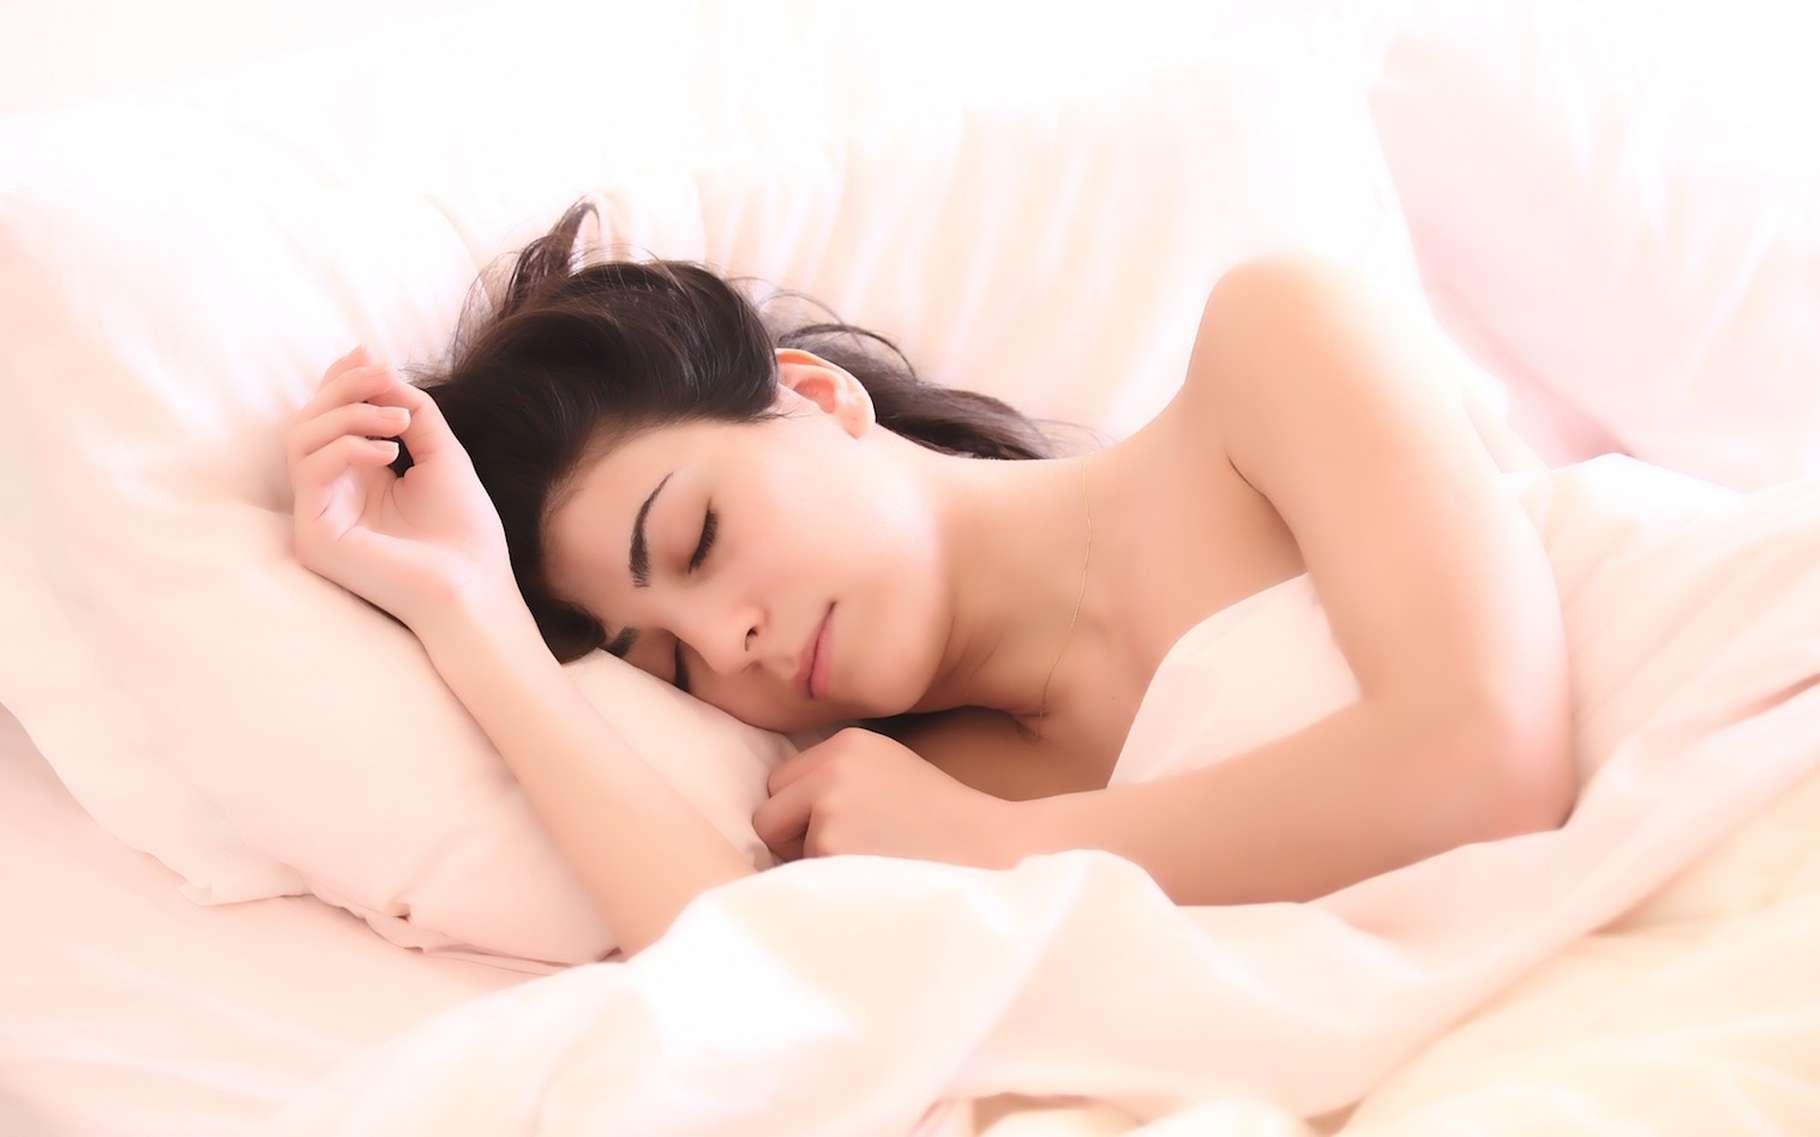 Bien dormir, c'est essentiel pour la santé. Et aujourd'hui, les objets connectés peuvent nous aider à trouver un repos réparateur. © C_Scott, Pixabay, CC0 Creative Commons